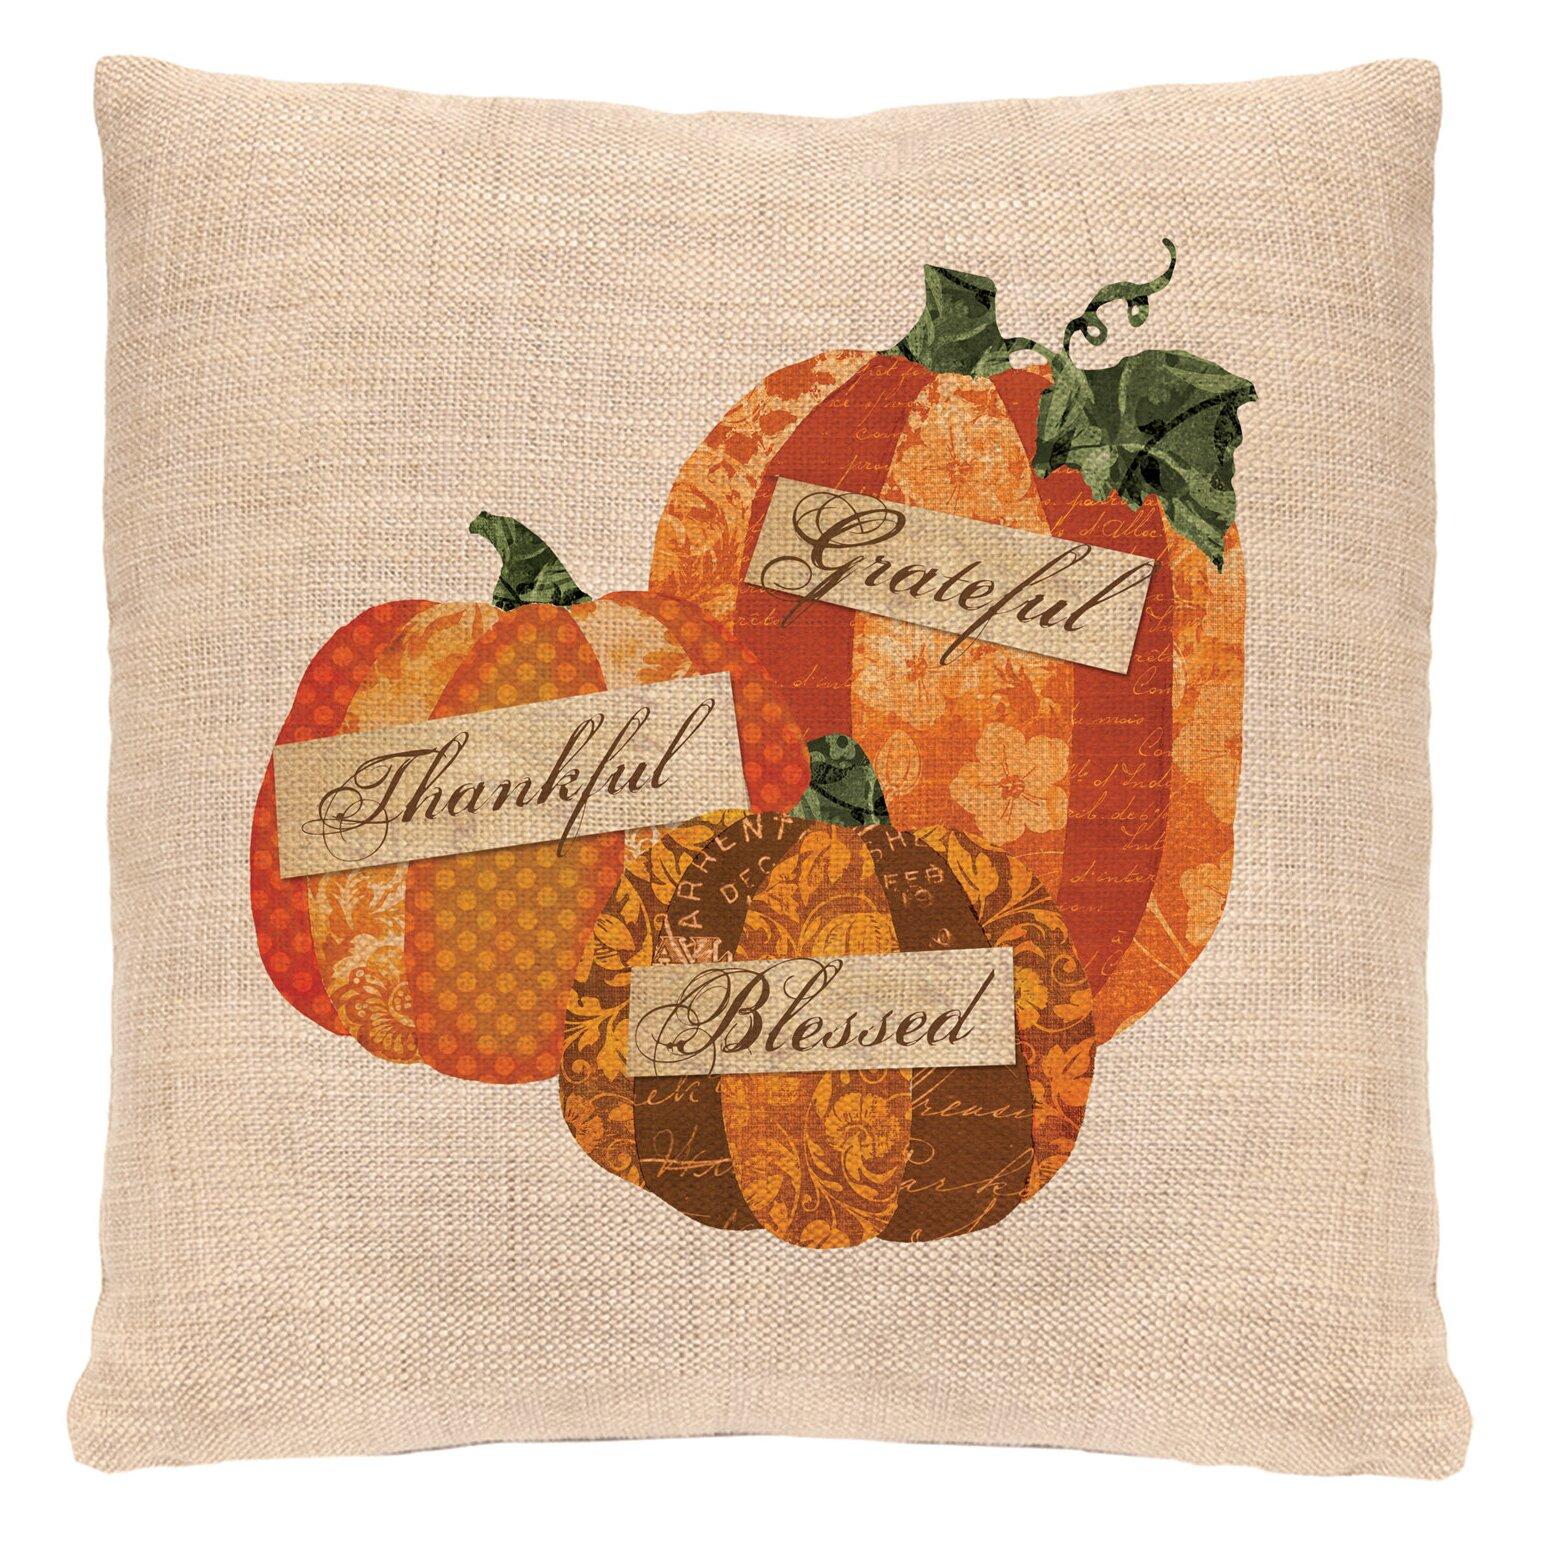 Heritage Lace Patchwork Pumpkin Throw Pillow Wayfair